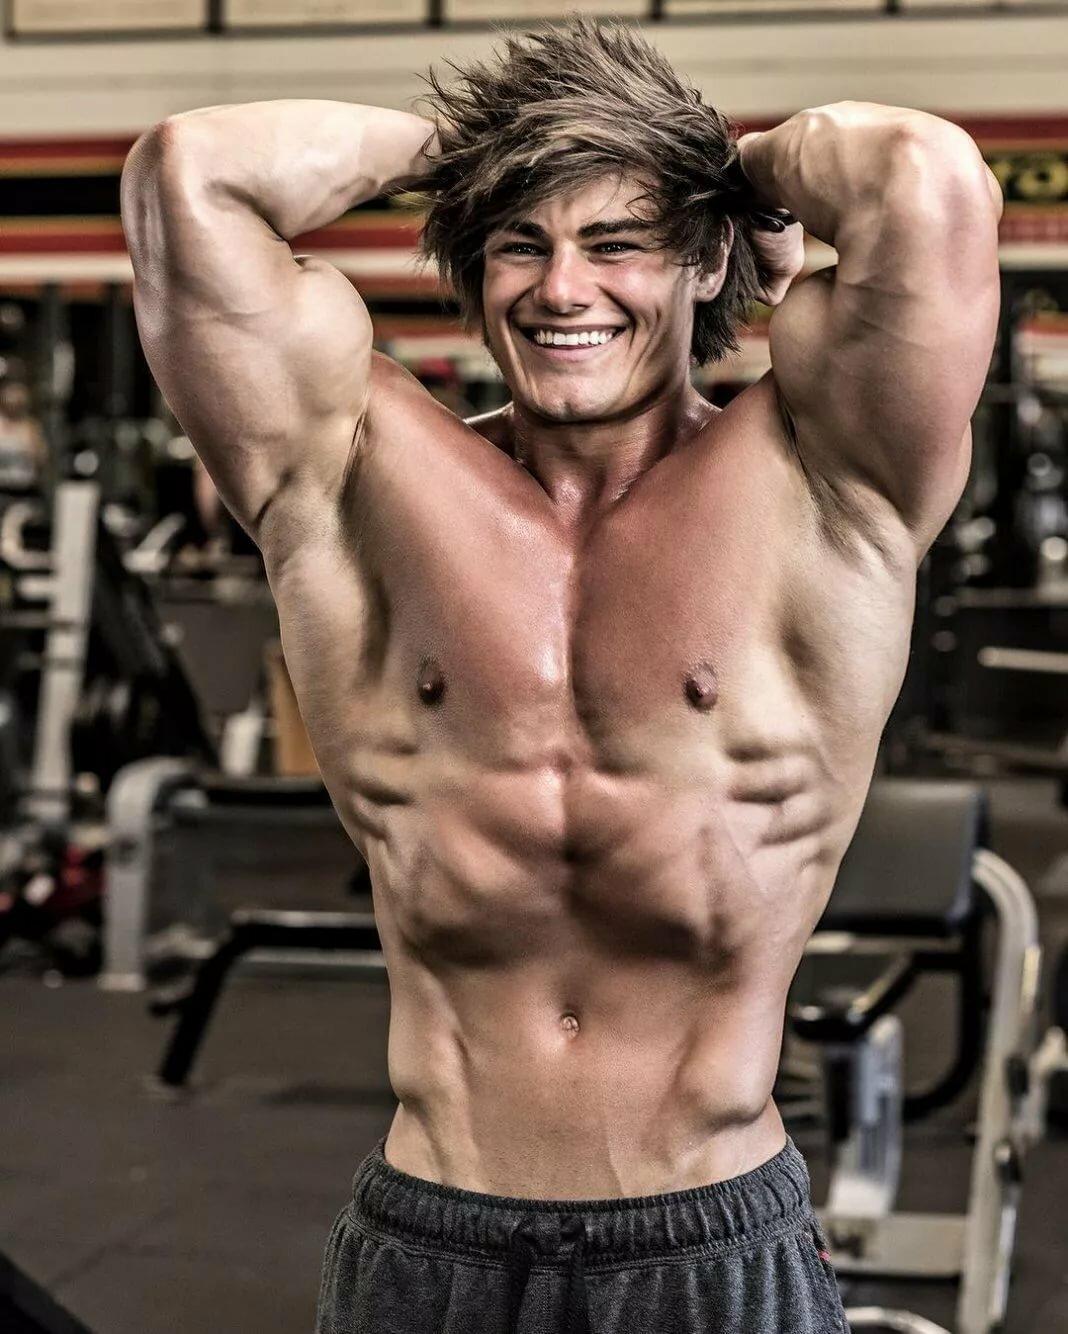 Джефф сейд (jeff seid) программа тренировок и диета | fitnessbro.ru